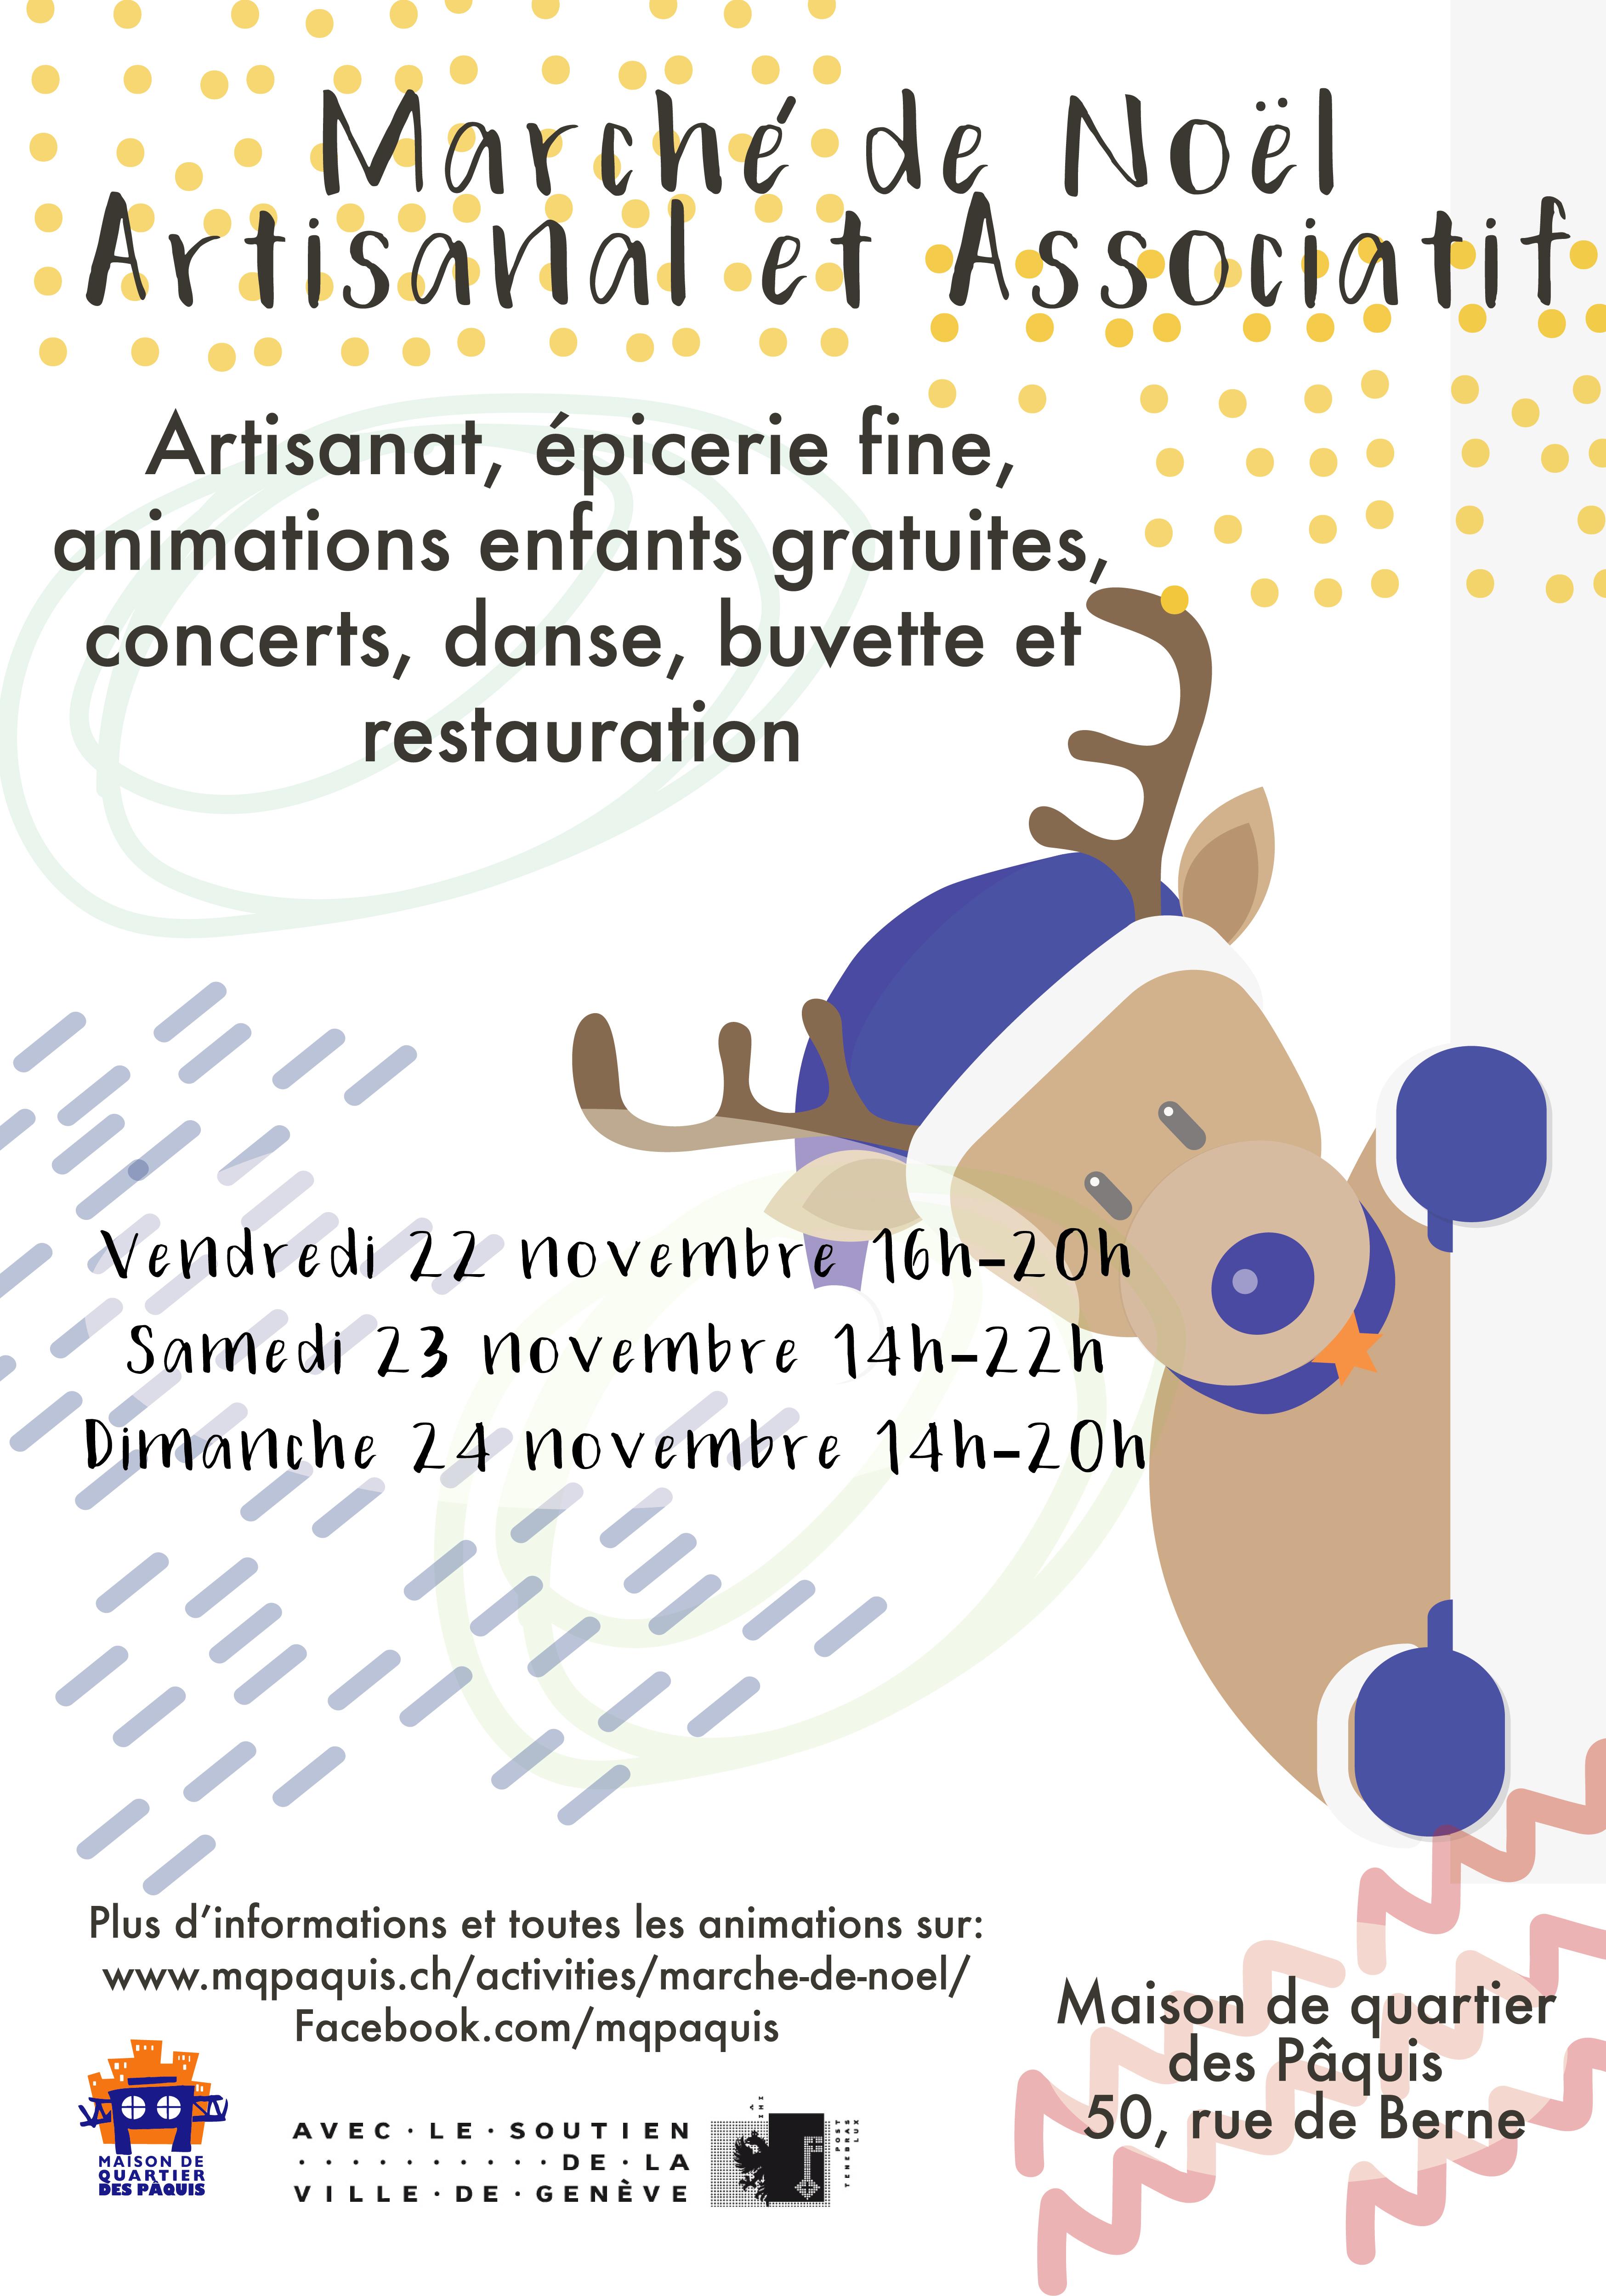 Marché de Noël artisanal et associatif de Pâquis